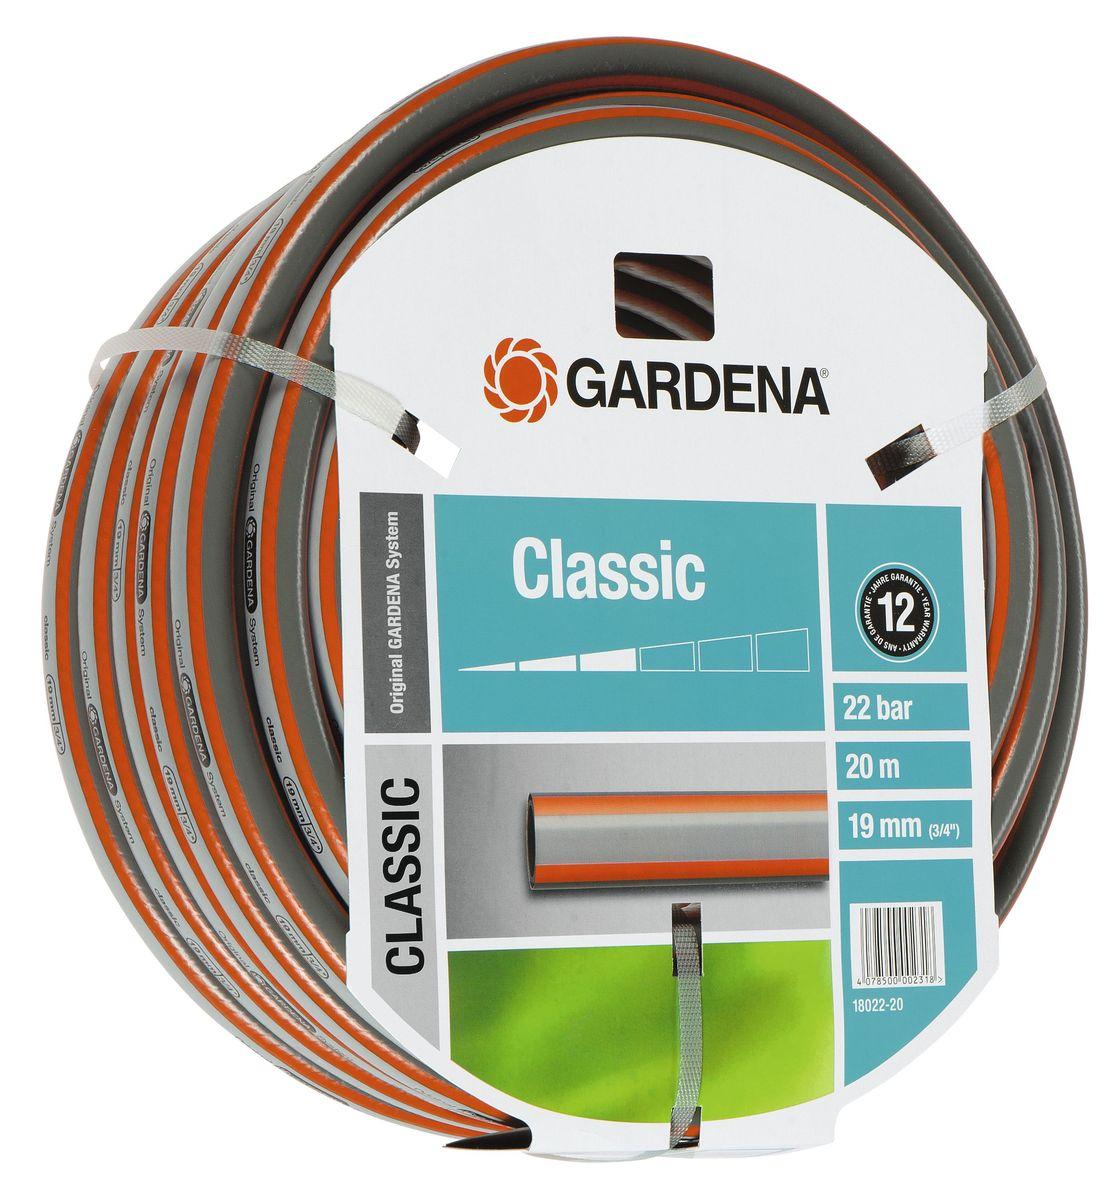 Шланг Gardena Classic, 19 мм (3/4) х 20 м18022-20.000.00Шланг Gardena Classic, прекрасно сохраняет свою форму благодаря высококачественному текстильному армированию, отсутствуют фталаты и тяжелые металлы, невосприимчив к УФ-излучению. Шланг не перегибается, не спутывается, не перекручивается, благодаря спиралевидному текстильному армированию, усиленному углеродными волокнами. Шланг Gardena Classic оптимально сочетается с компонентами базовой системы полива. Идеально подходит для умеренной интенсивности использования. Шланг Gardena Classic выполнен из высококачественного ПВХ и выдерживает давление до 22 бар. Толстые стенки шланга и высококачественные материалы обеспечивают длительный срок службы.